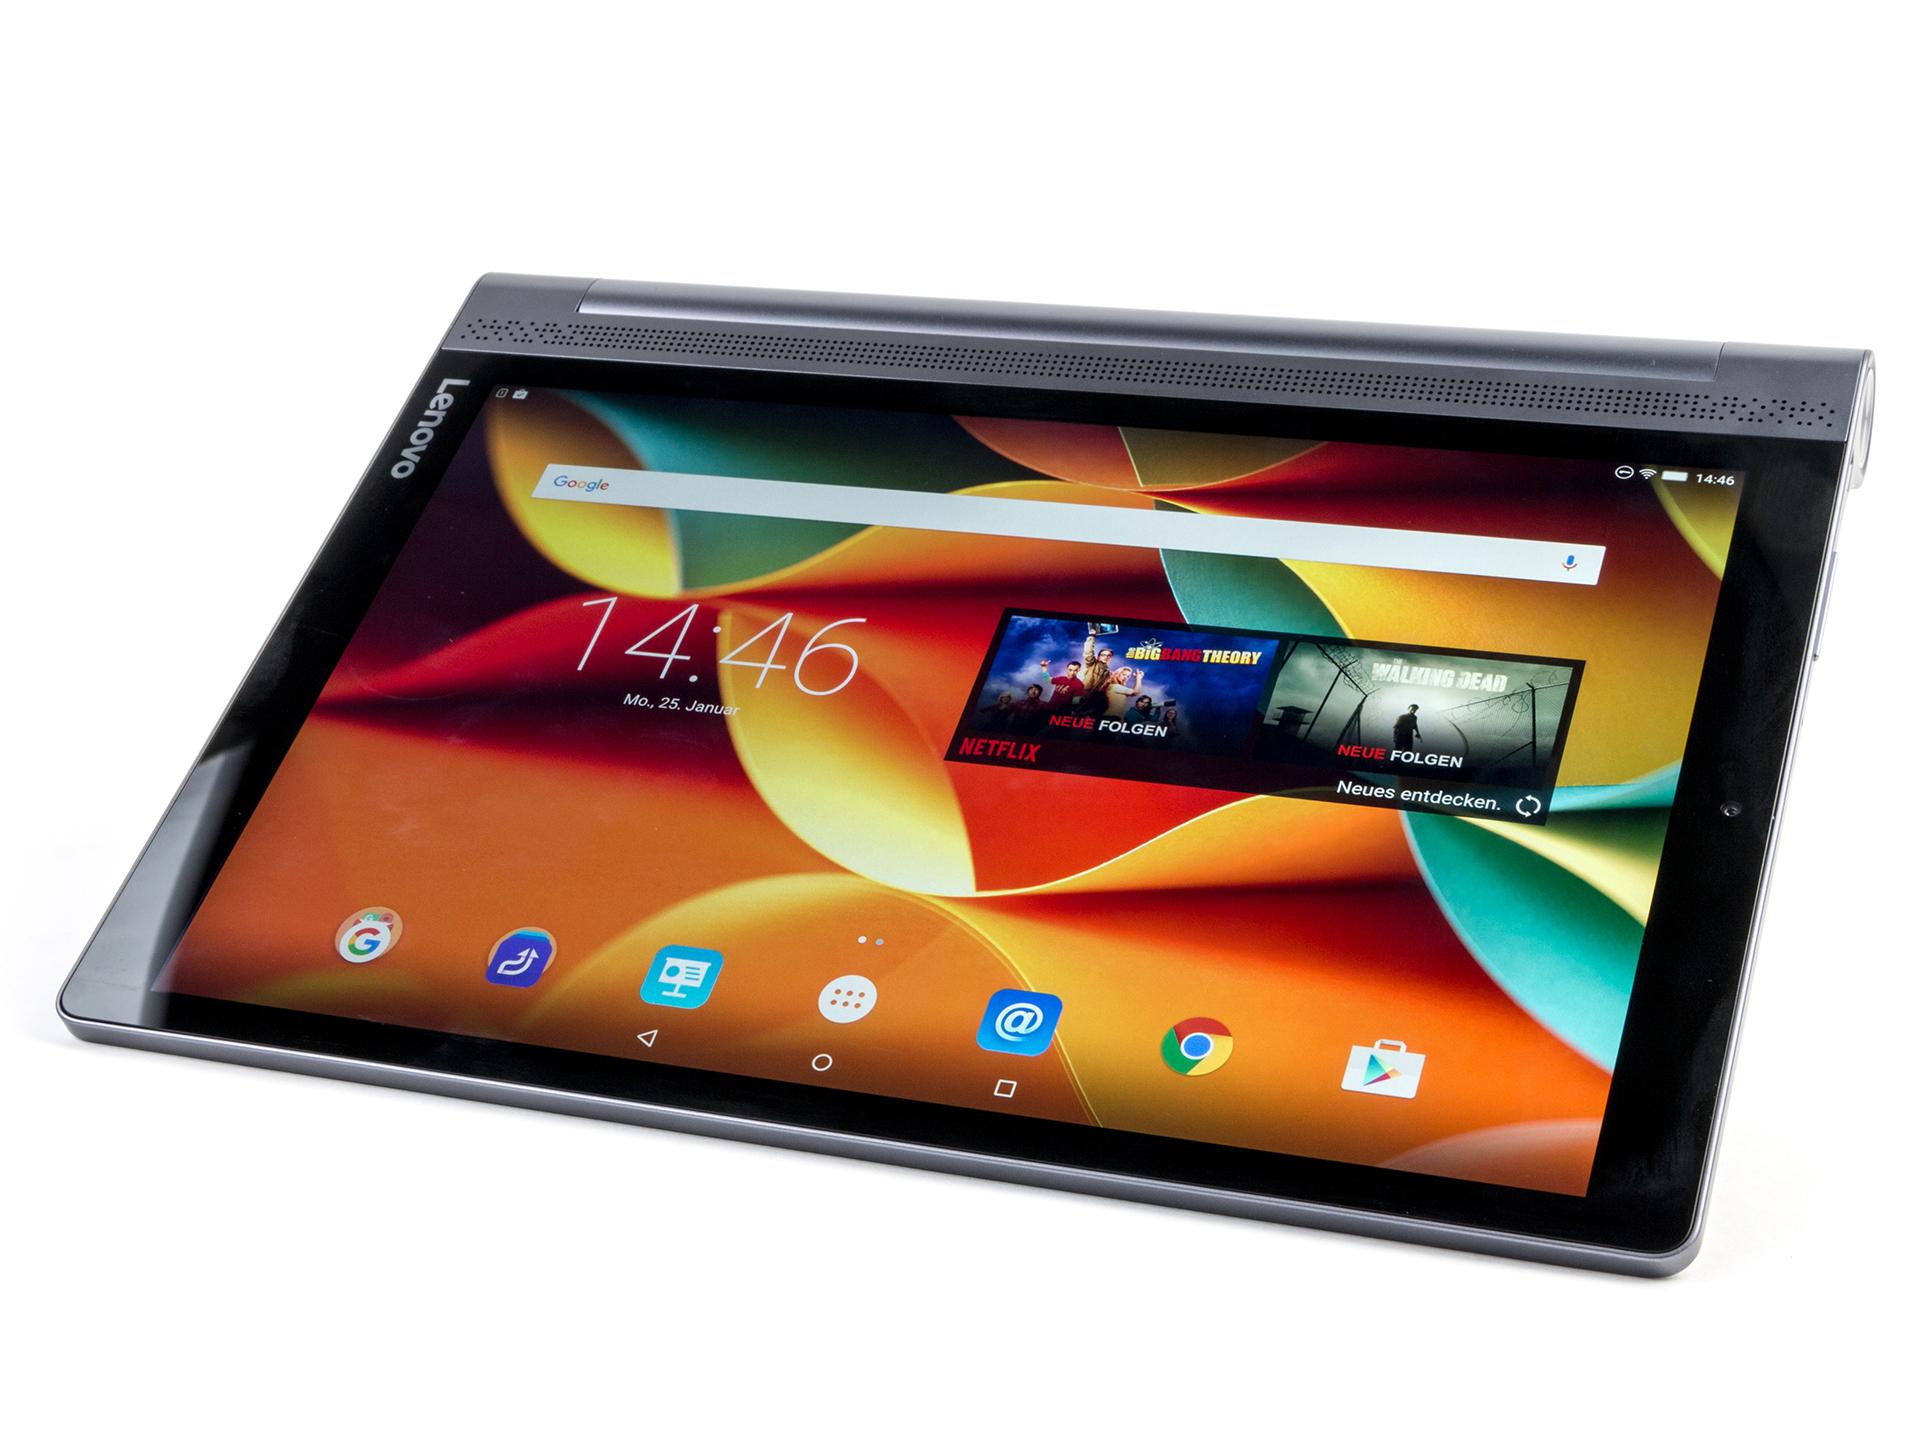 Lenovo Yoga Tab 3 Pro 10 Tablet Review Reviews Idea B8000 16gb Silver